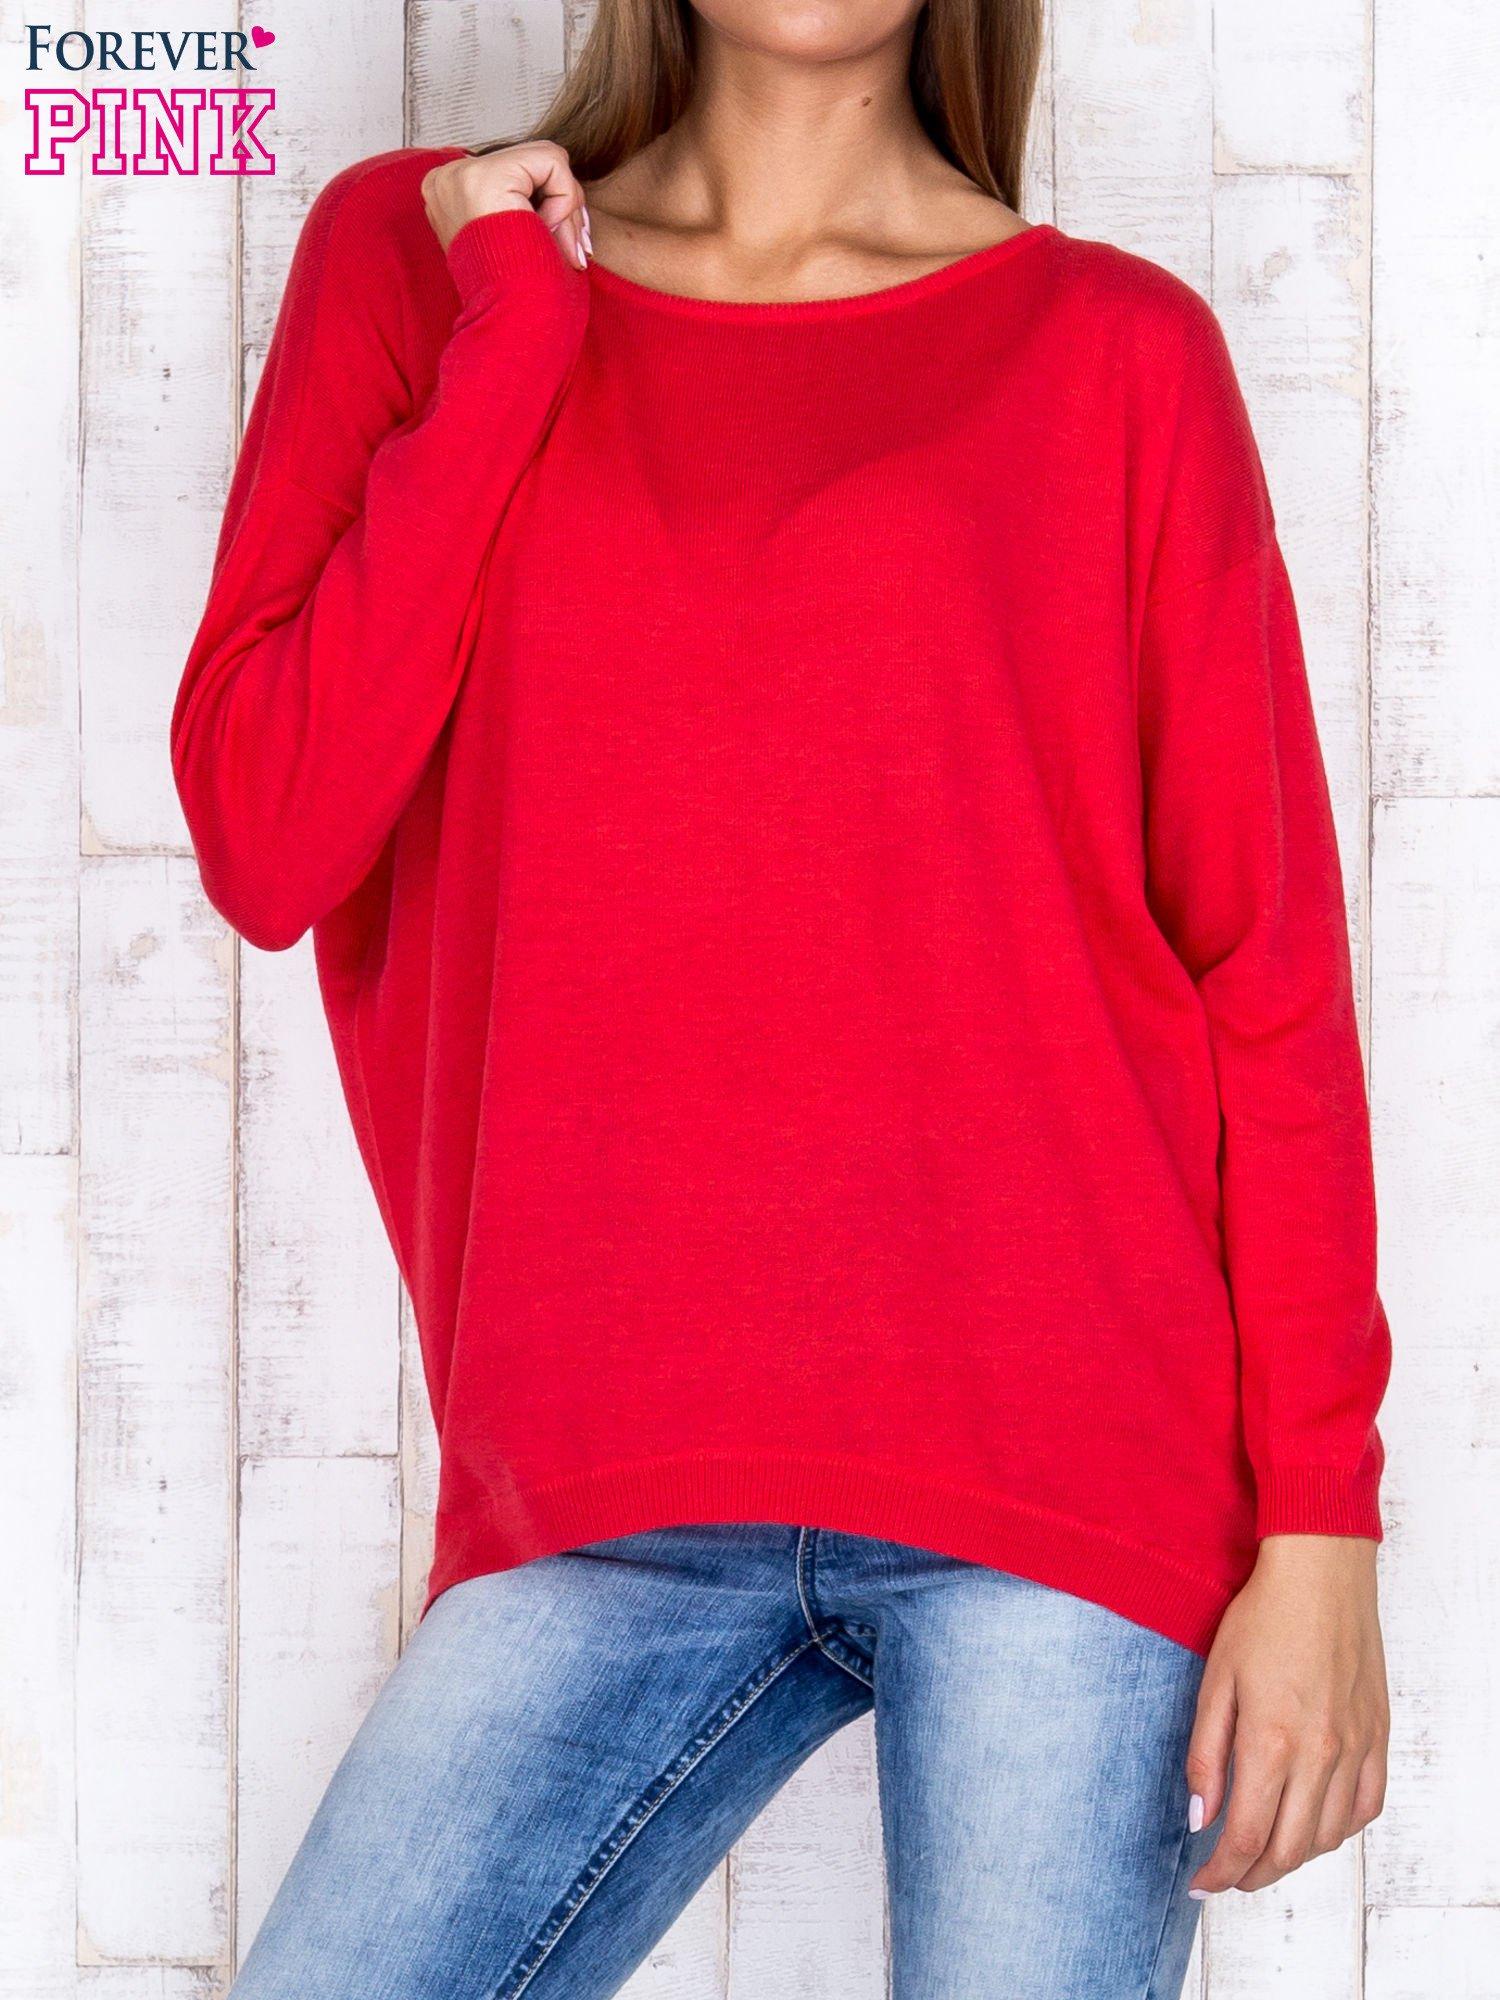 Ciemnoróżowy nietoperzowy sweter oversize z dłuższym tyłem                                  zdj.                                  1